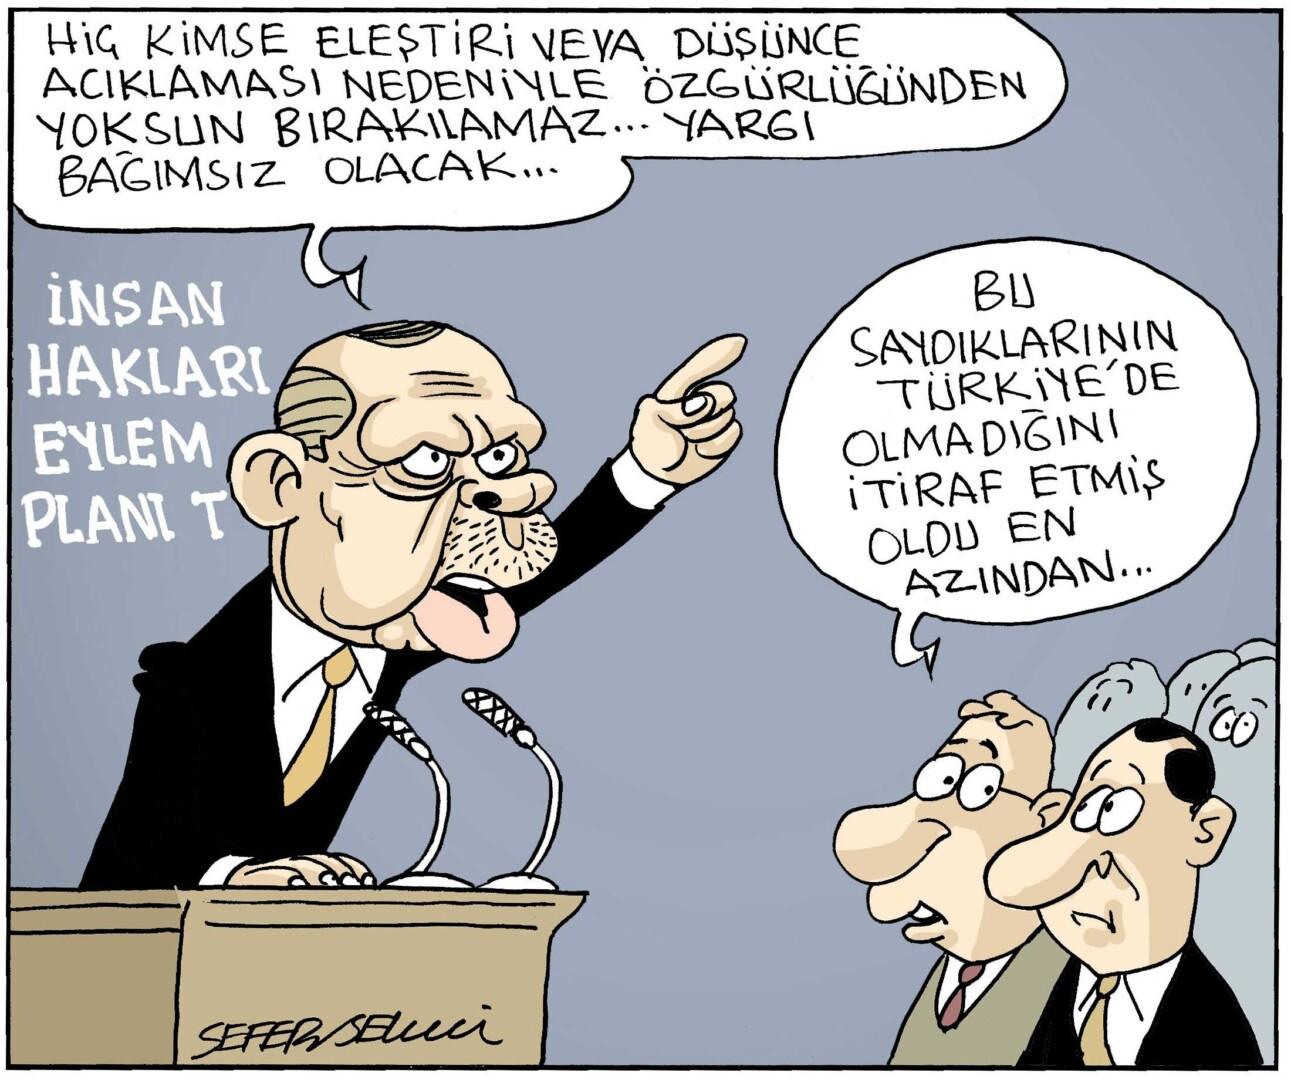 Erdoğan'ın insan hakları planı, Türkiye'den özgürlüklerin yokluğunun kabulüdür